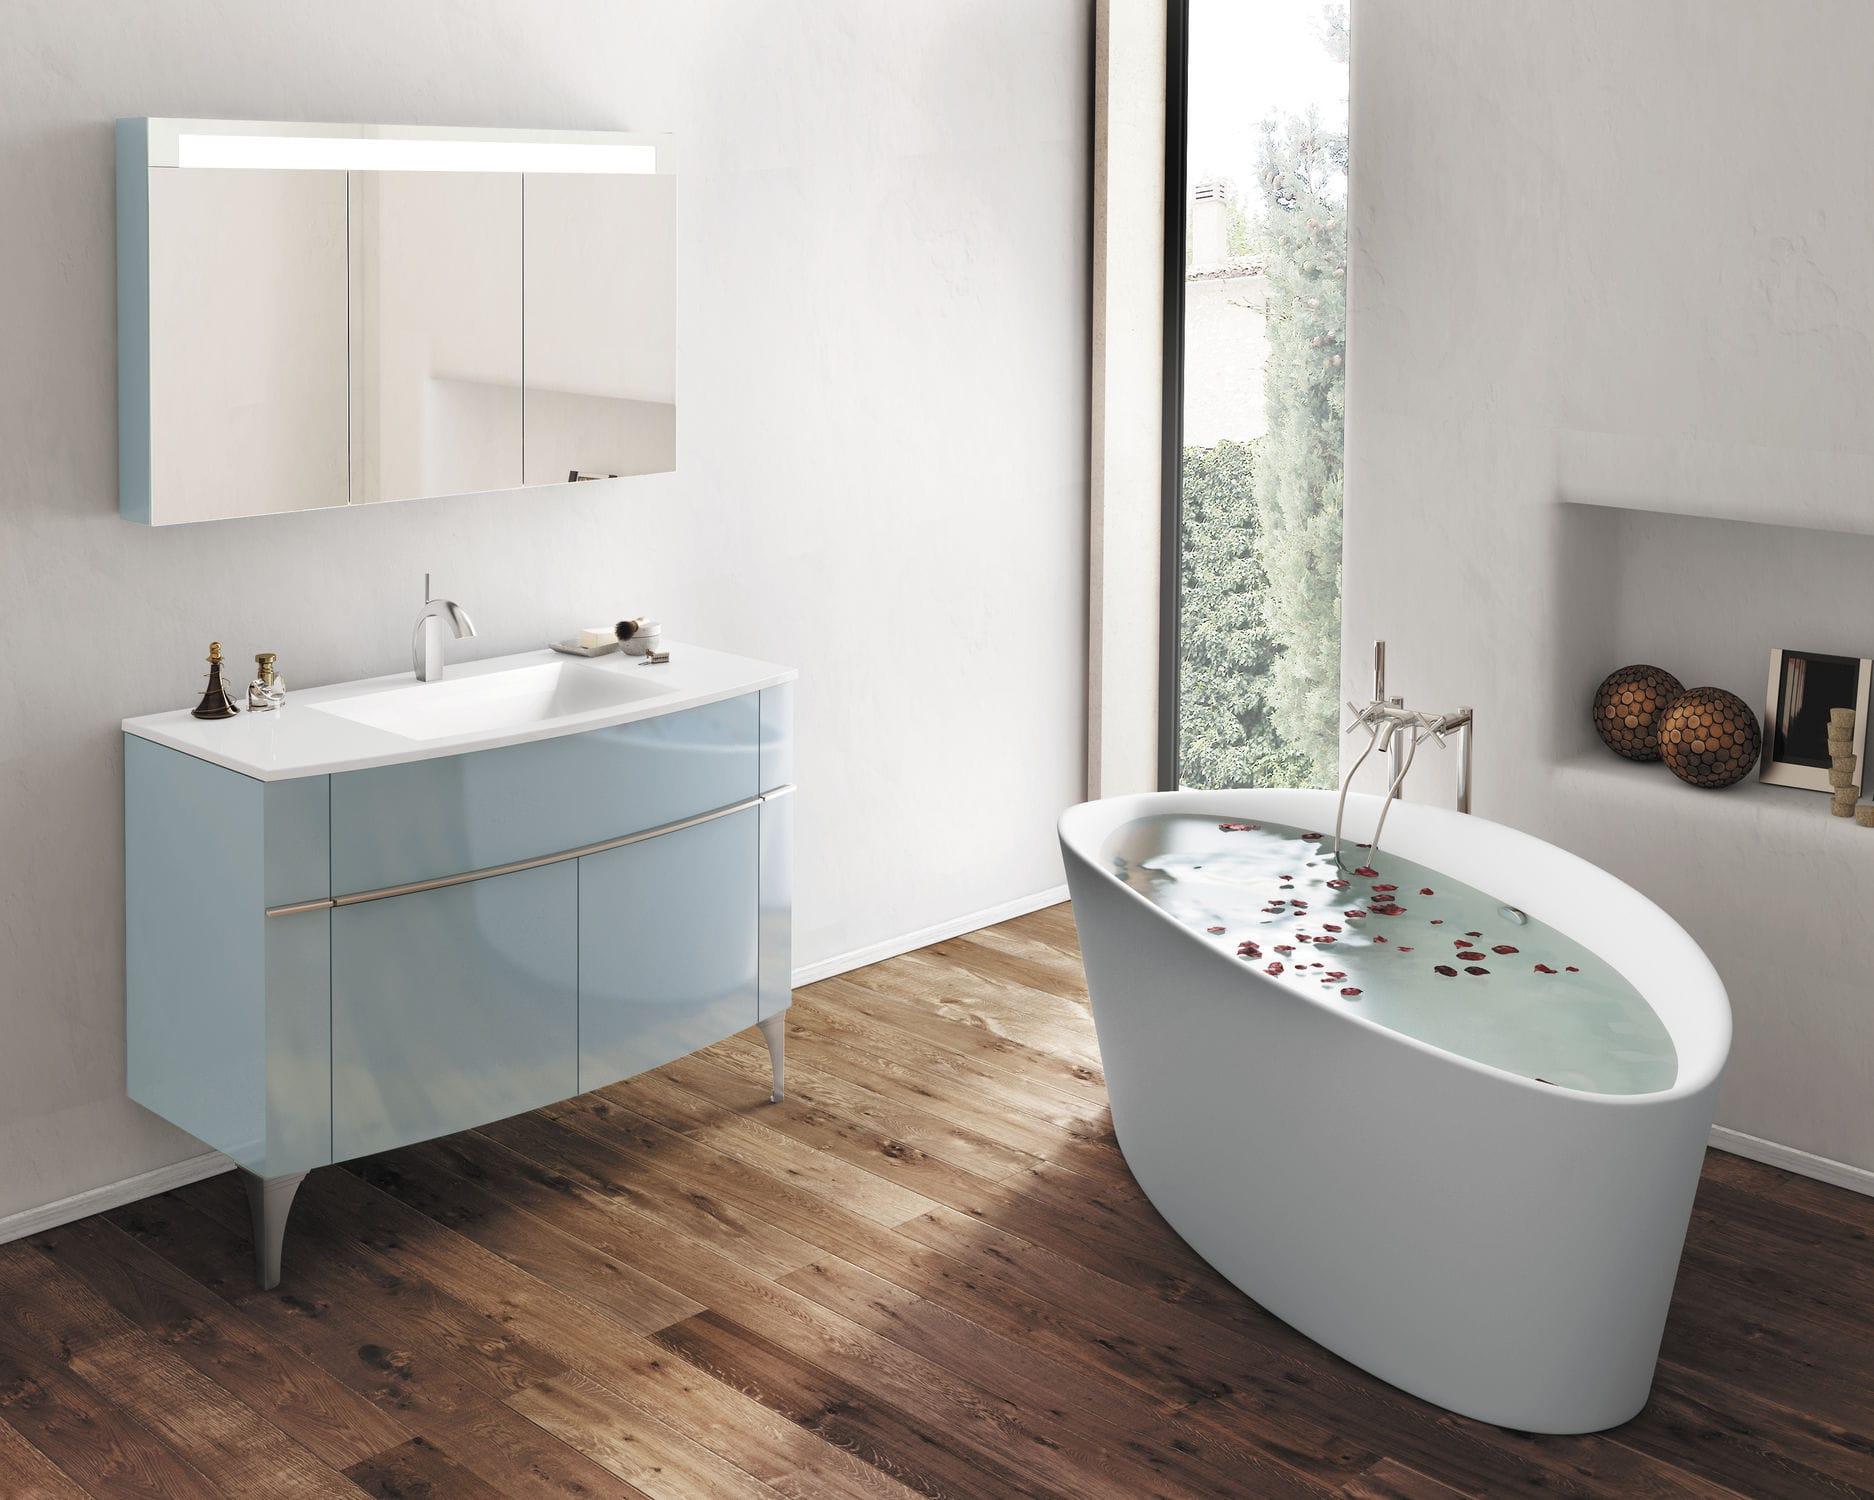 Hängend-Waschtischunterschrank / freistehend / Holz / modern ... | {Waschtischunterschrank modern 36}